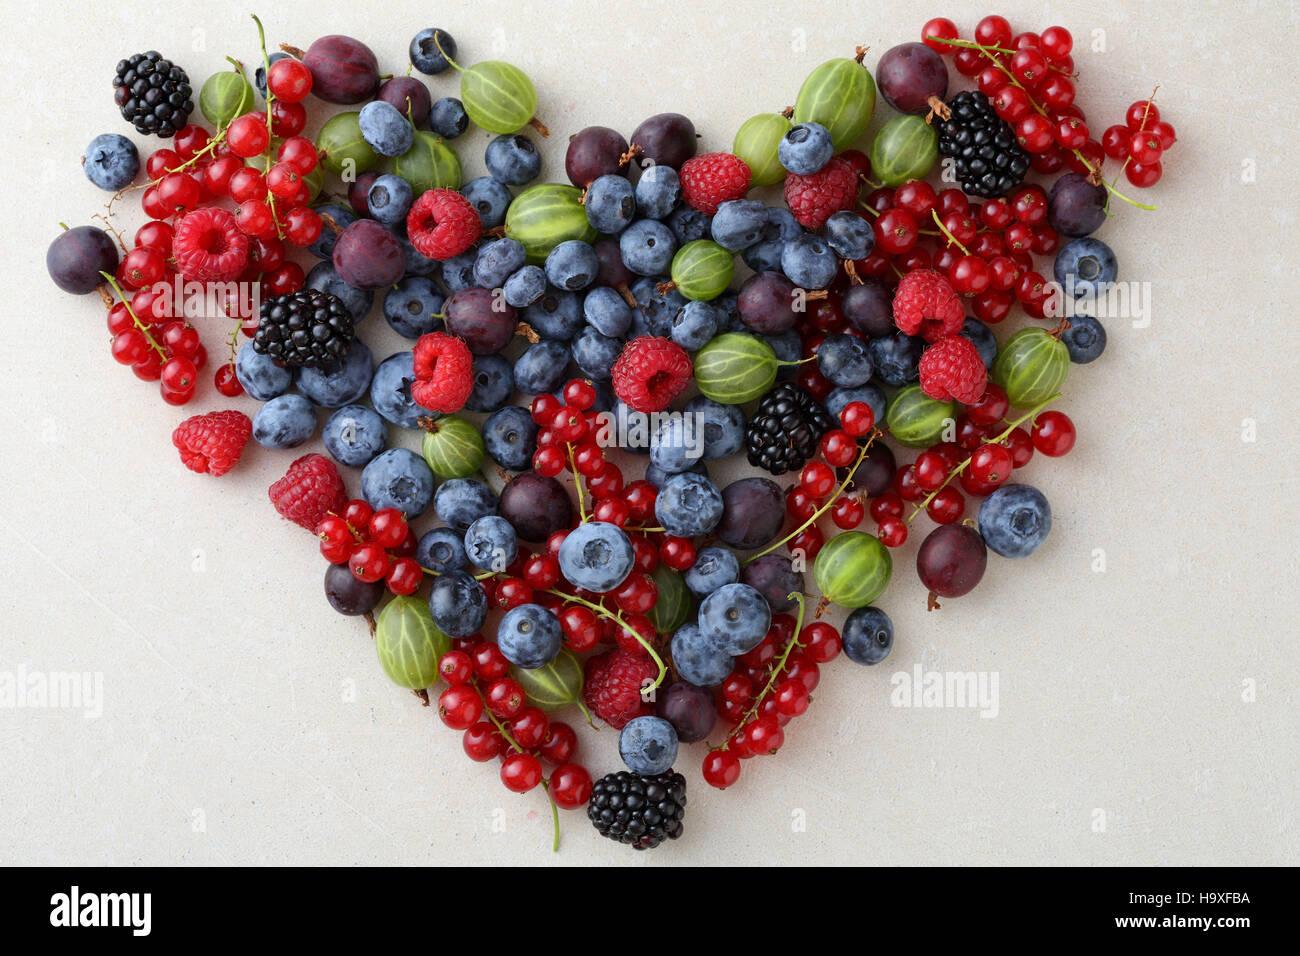 Frische Beeren-gesunde Lifestyle-Konzept, Liebe Früchte Stockbild